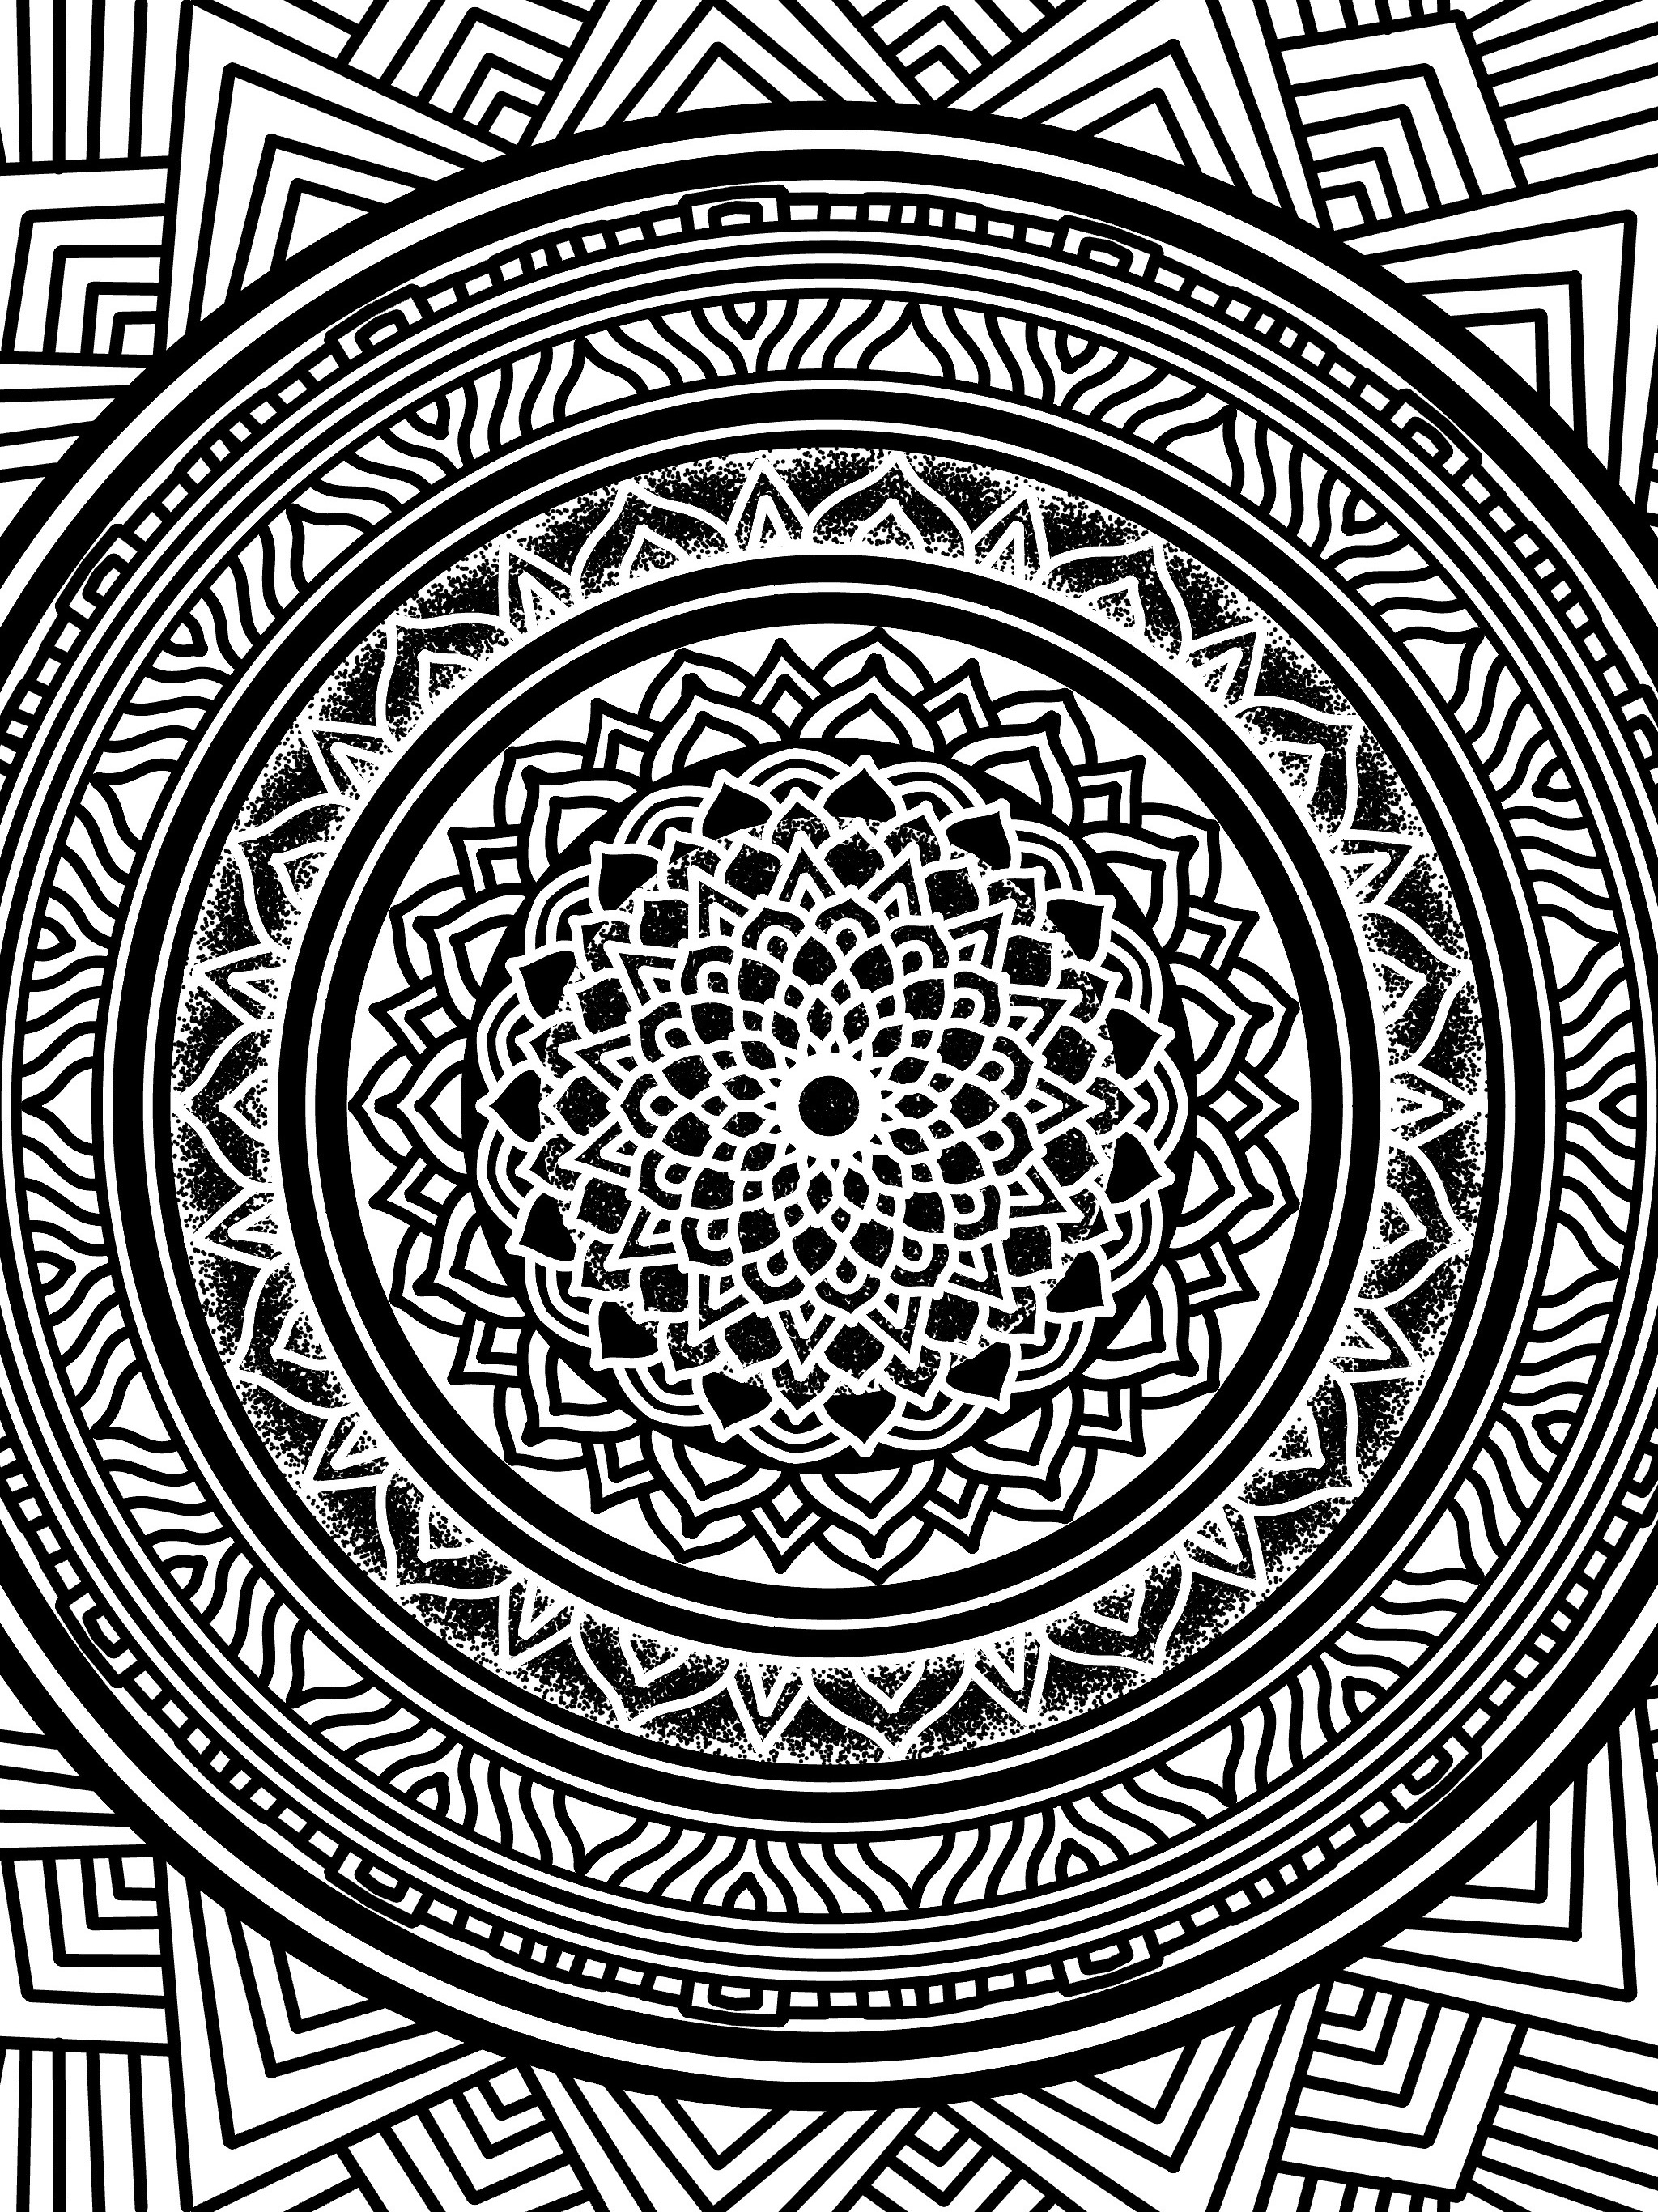 Mandala 2.14